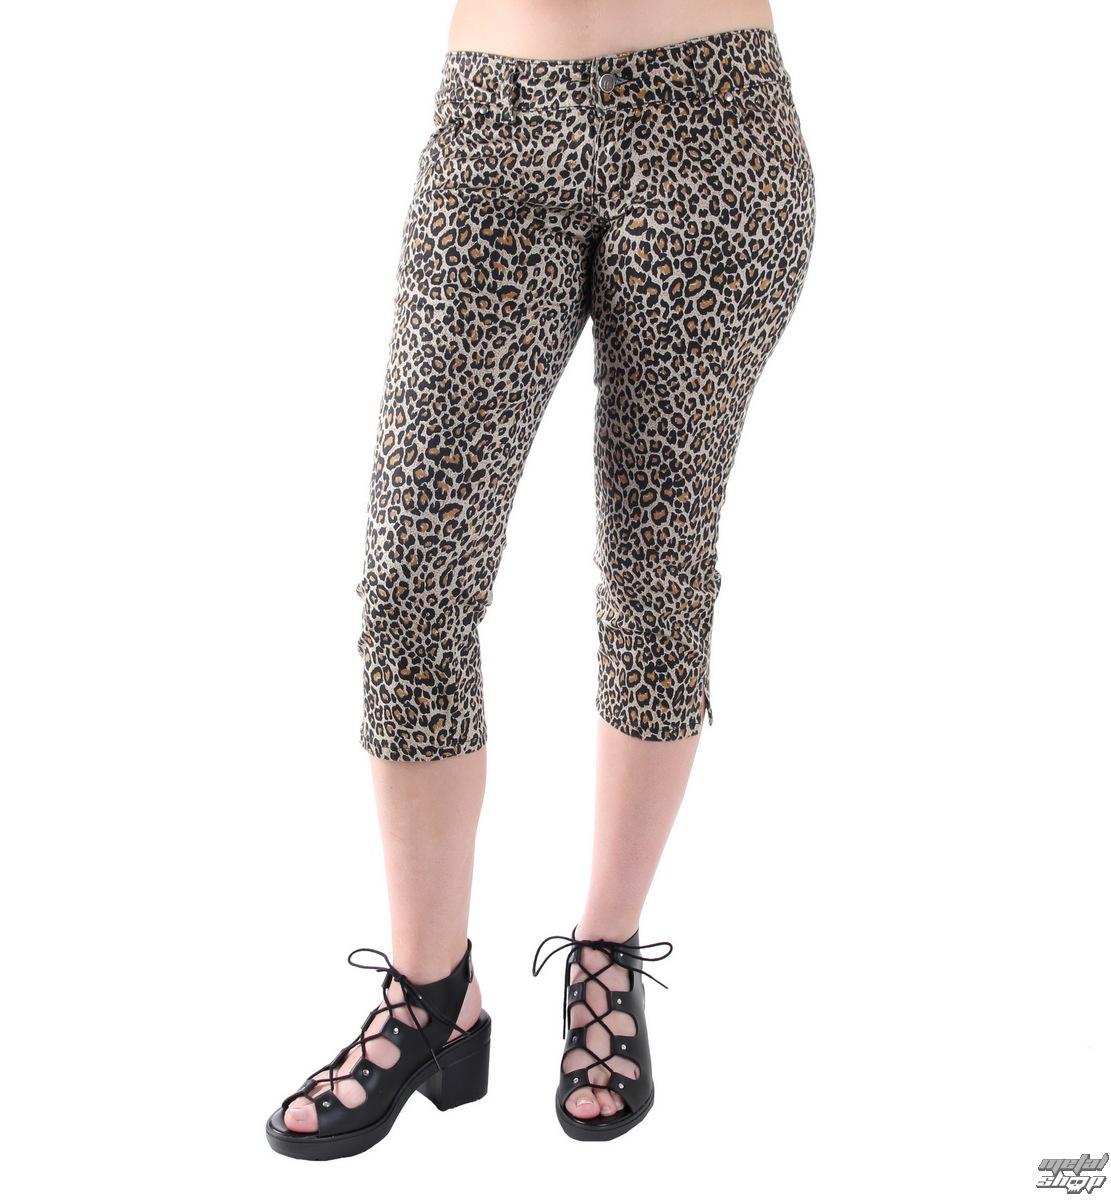 kalhoty 3/4 dámské 3RDAND56th - Leopard - SL012